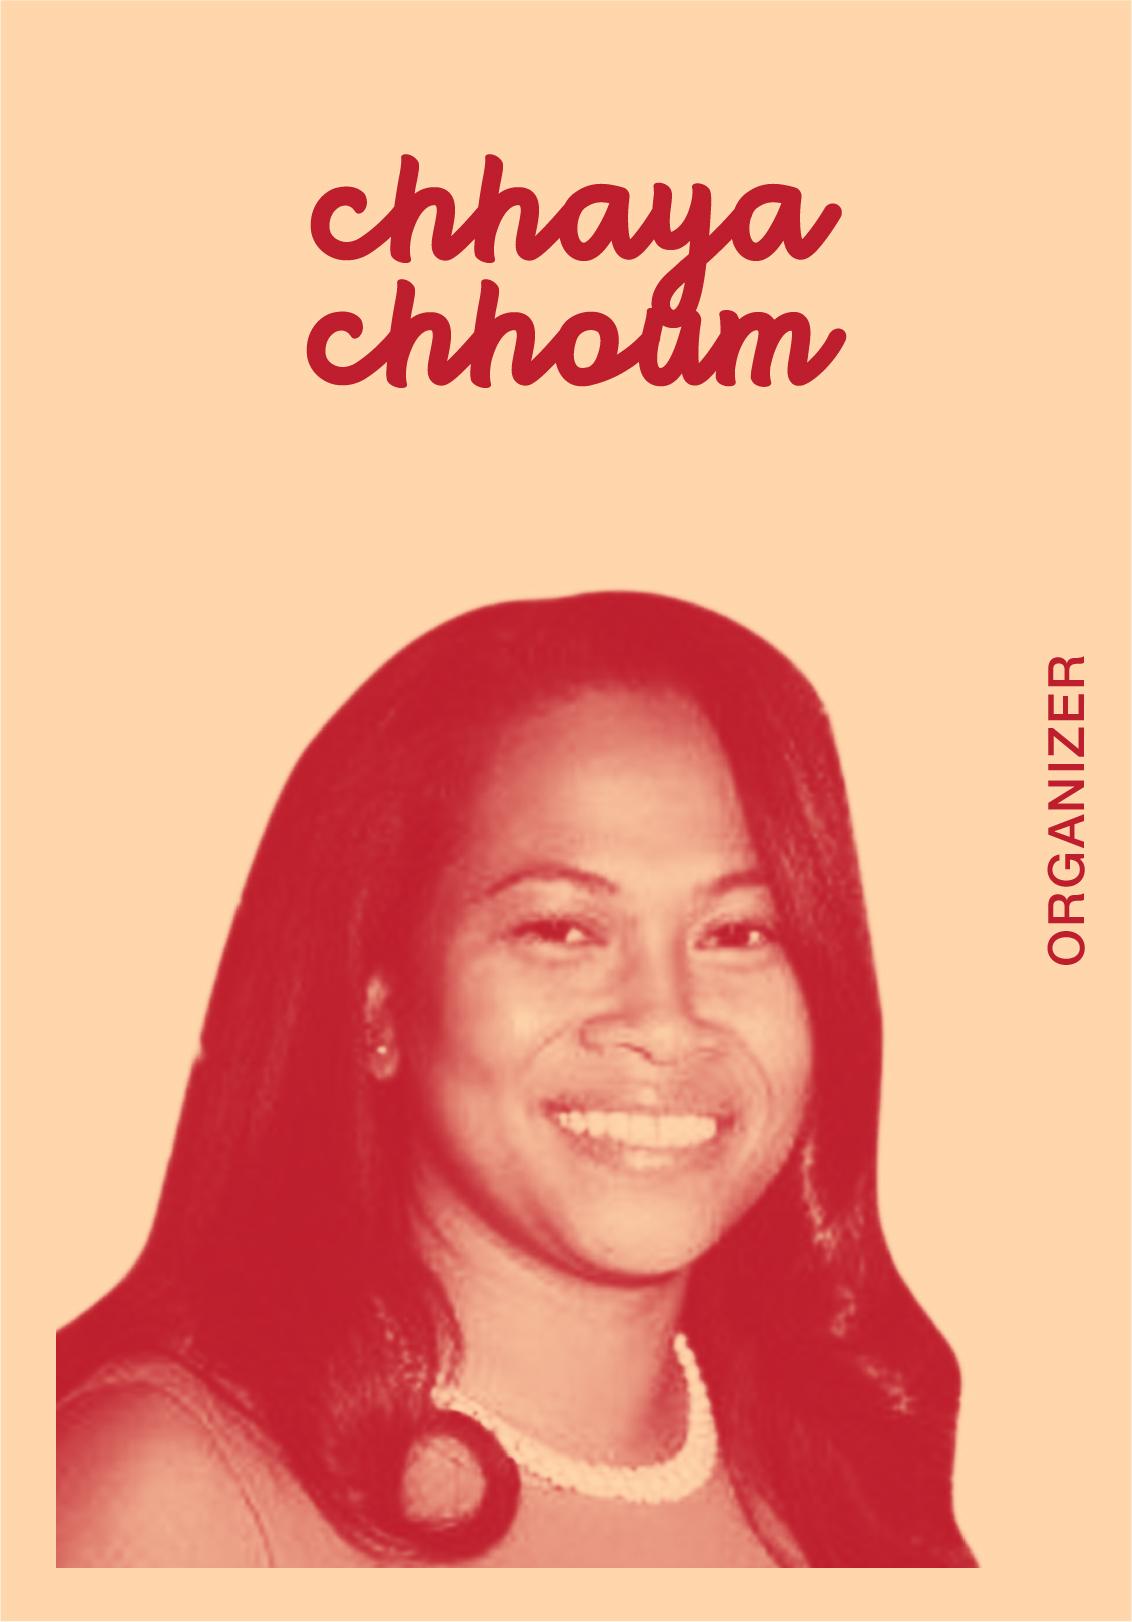 Chhaya Chhoum   WEBSITE   @MEKONGNYC   IG: MEKONGNYC_